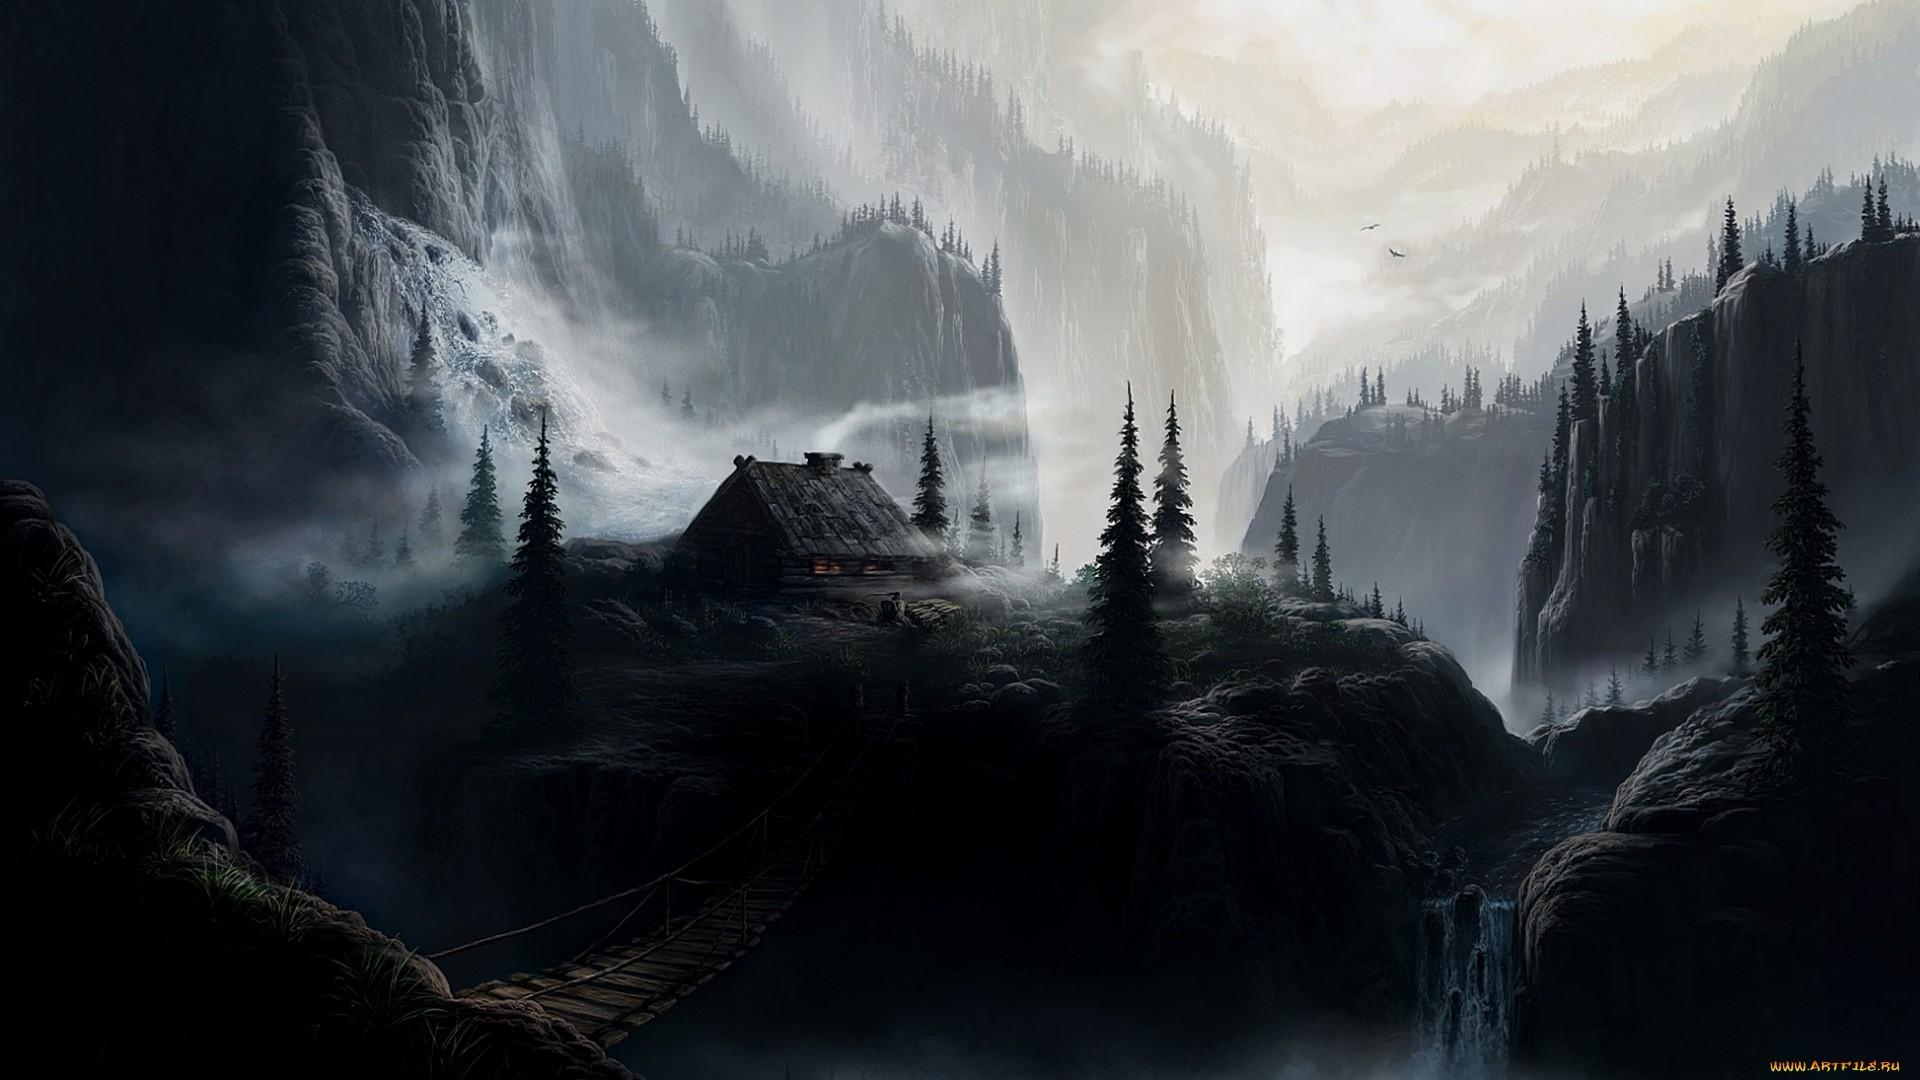 Dark Mountain Background